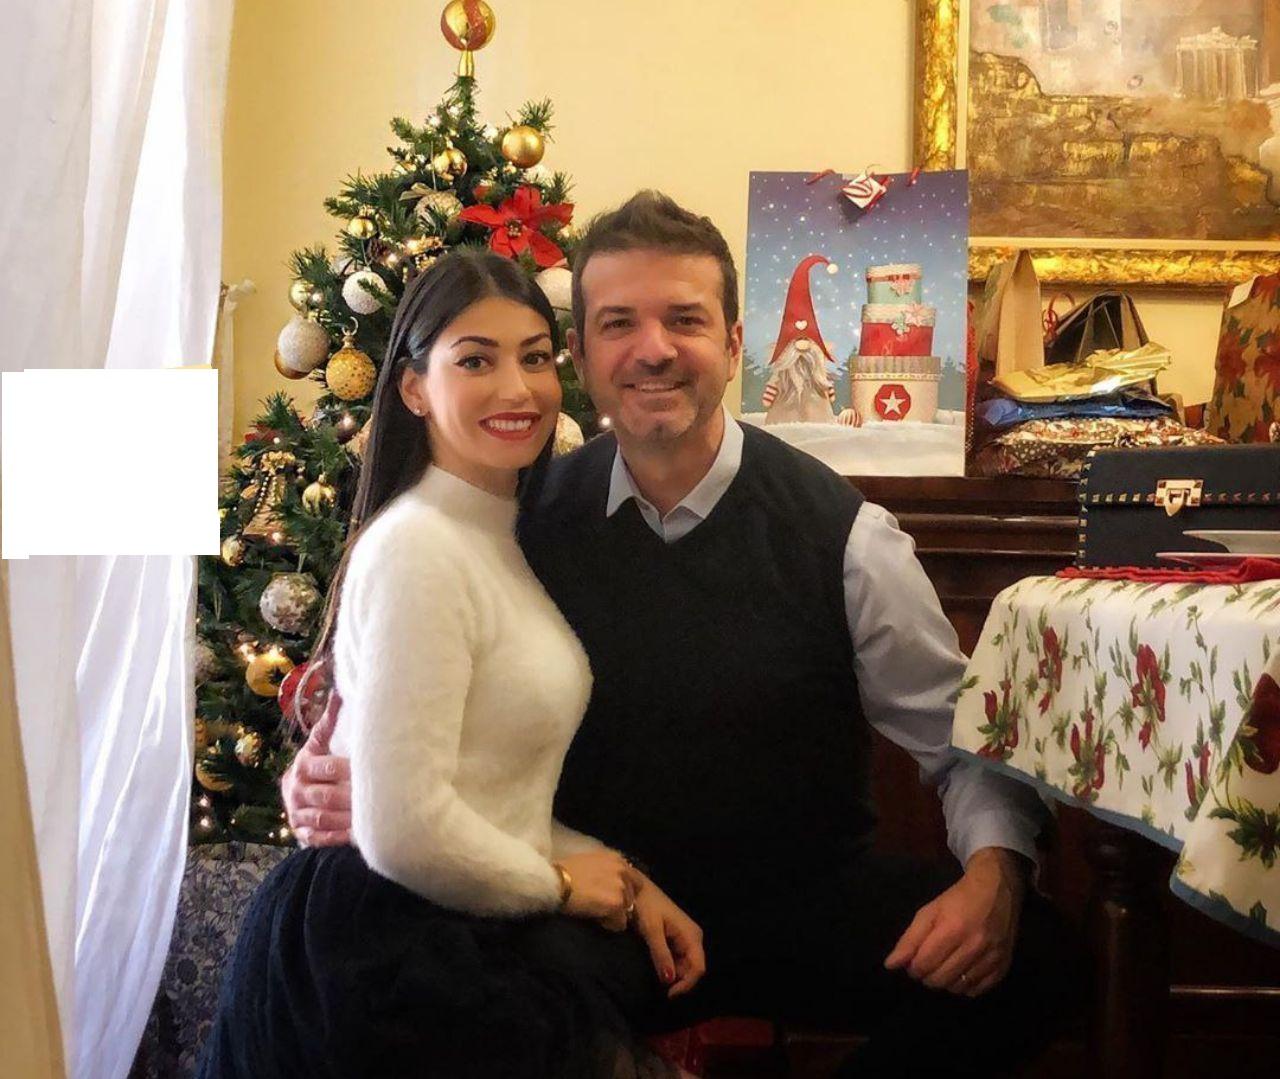 استراماچونی و همسرش در جشن کریسمس